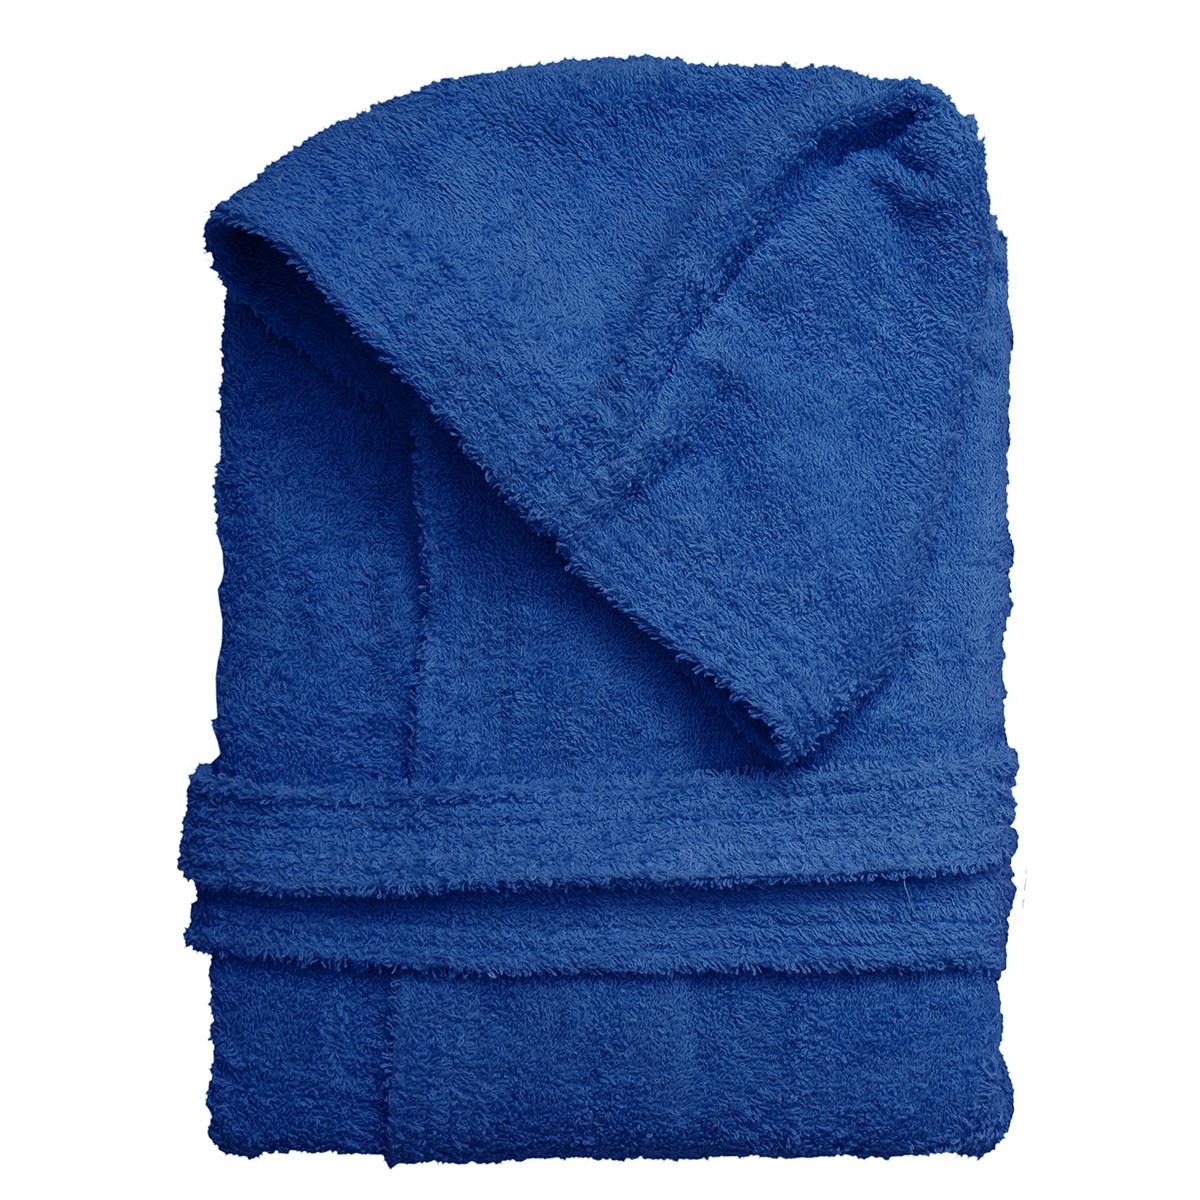 Μπουρνούζι Με Κουκούλα Viopros Economy Μπλε X-LARGE X-LARGE